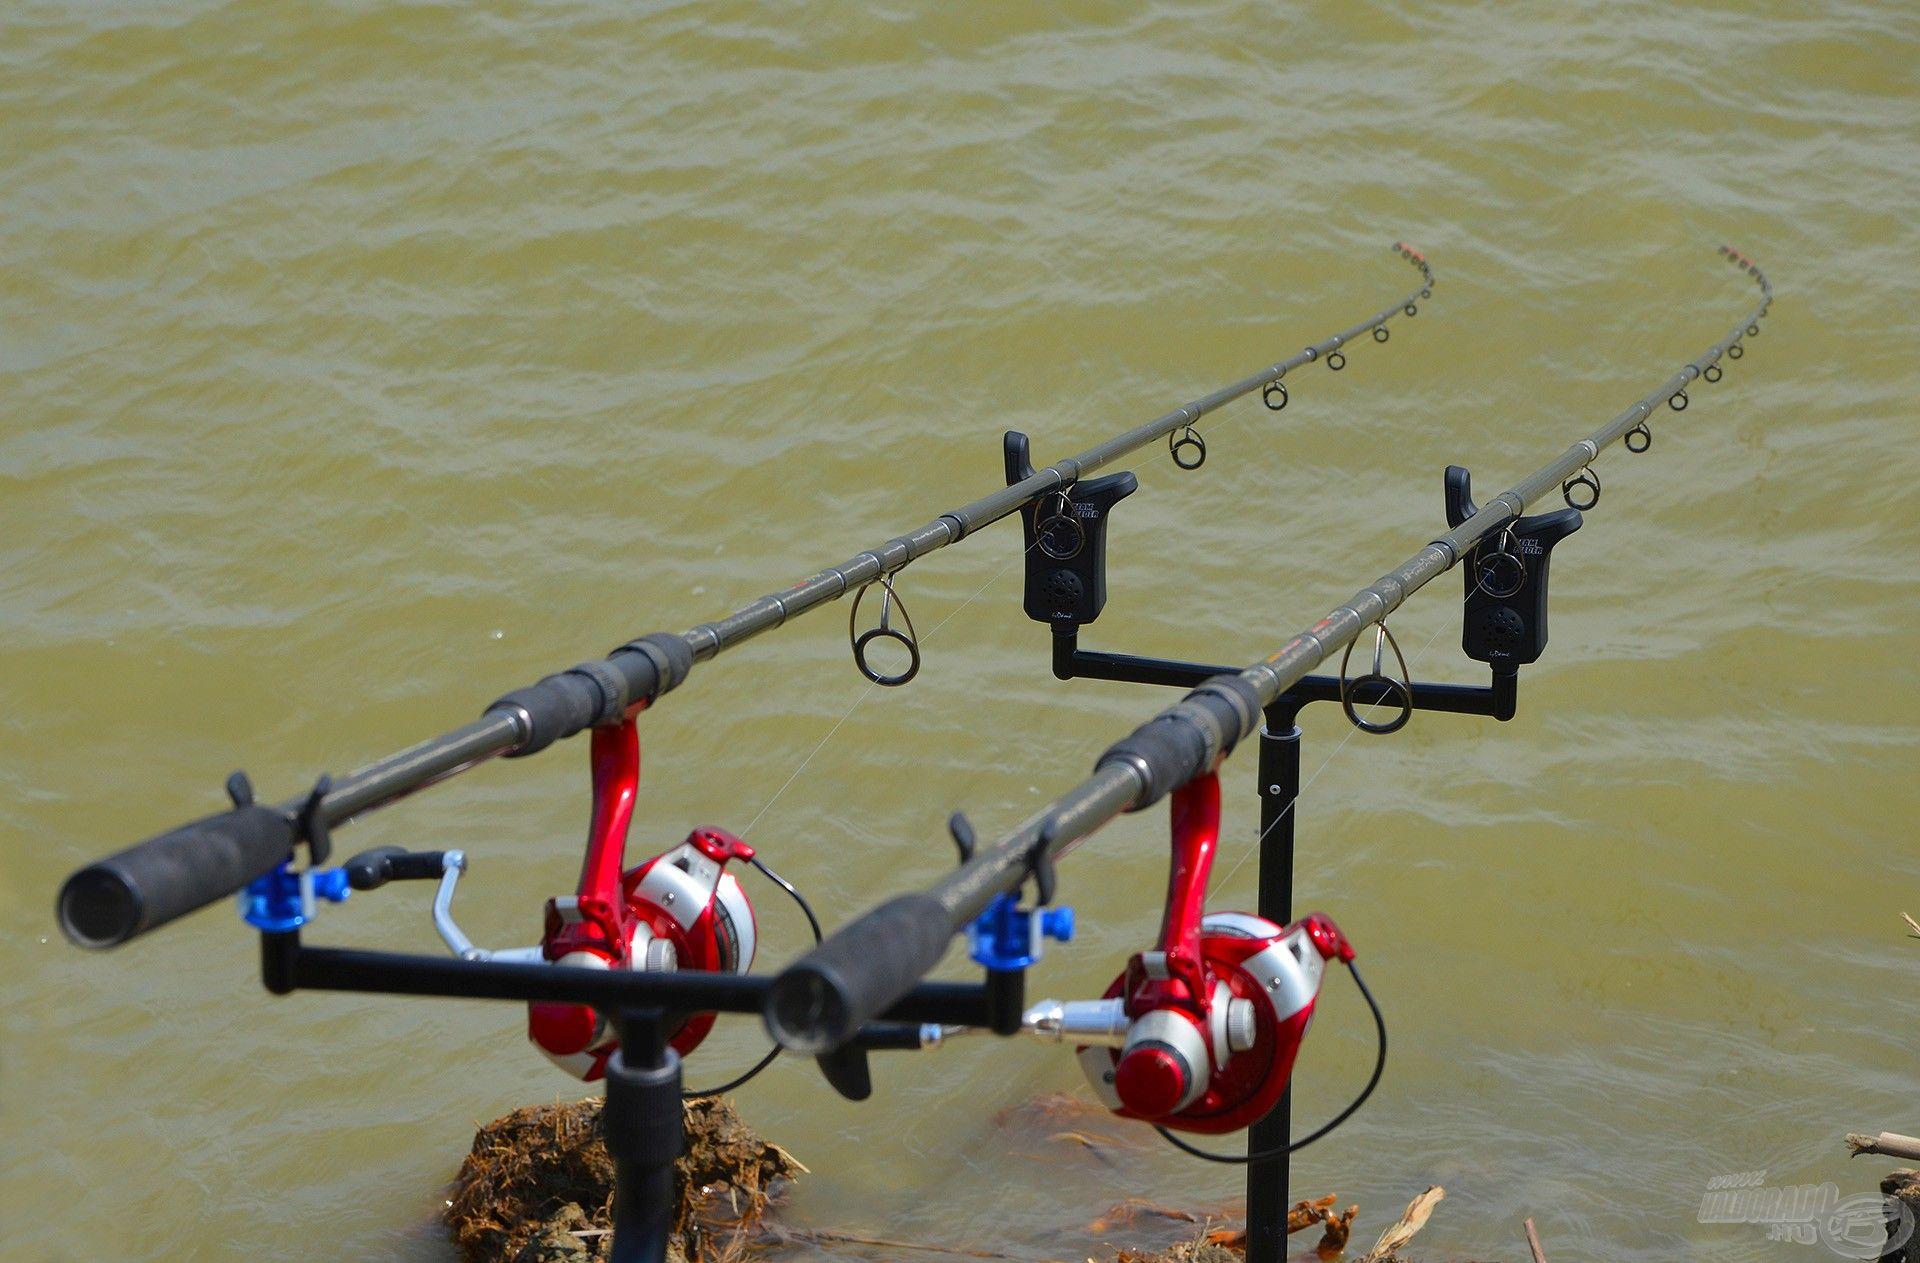 Többnapos vagy éjszakai horgászatokon jó szolgálatot tehet egy kifejezetten a feederhorgászat igényeihez hangolt segédeszköz, amely egyértelmű jelzést ad kapáskor, így biztos, hogy nem fogunk lemaradni róla – Ezzel a koncepcióval született meg a TEAM FEEDER Elektromos kapásjelző